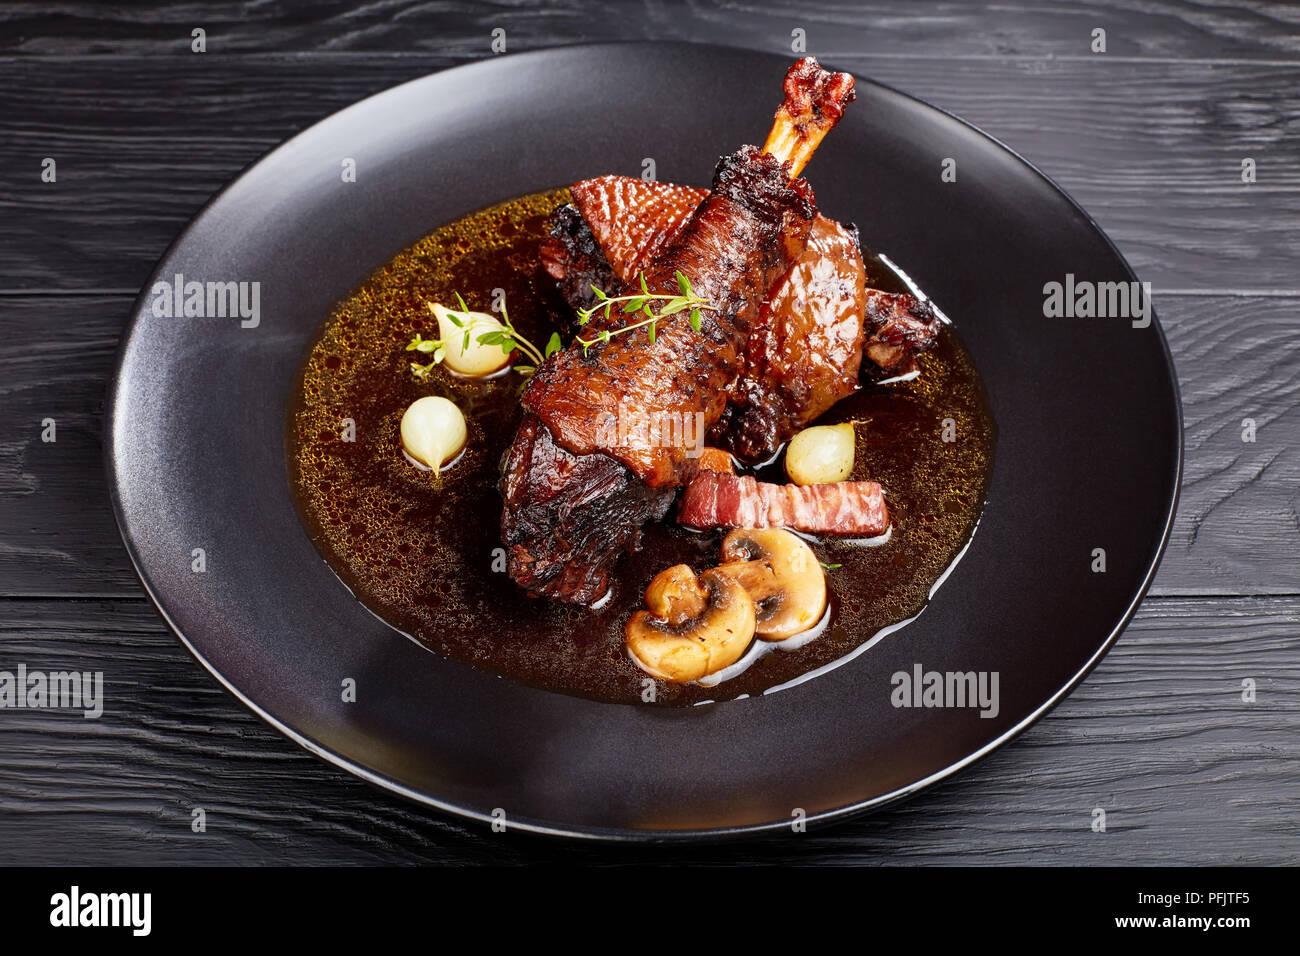 Parte de Sabroso estofado de pollo, muslo y muslo braseado con vino, hierbas, setas y verduras servido en la placa negra, auténtica receta francesa Imagen De Stock